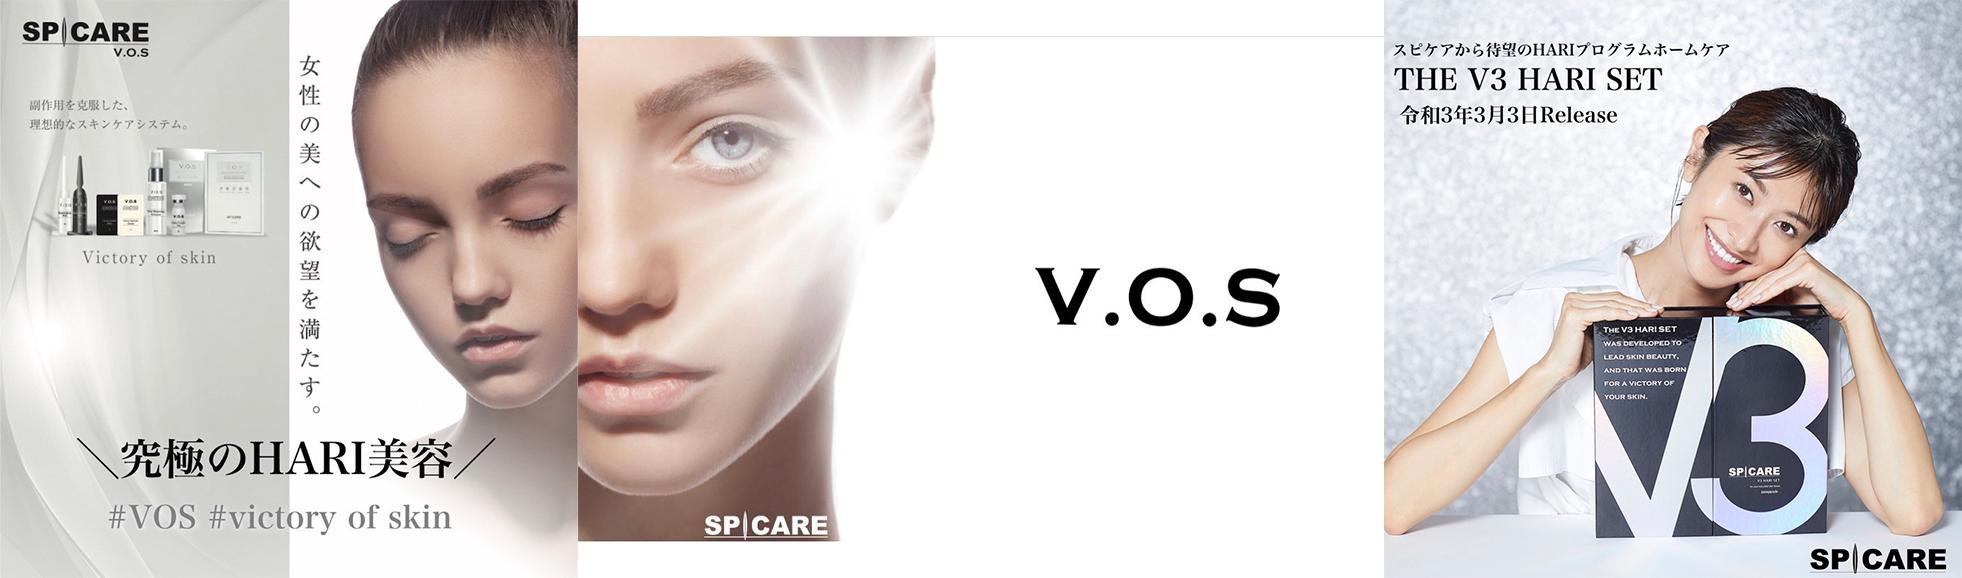 ヒト臍帯血由来胞順化培養液エキスの最高峰コスメ V3スピケアVOS化粧品 正規代理店